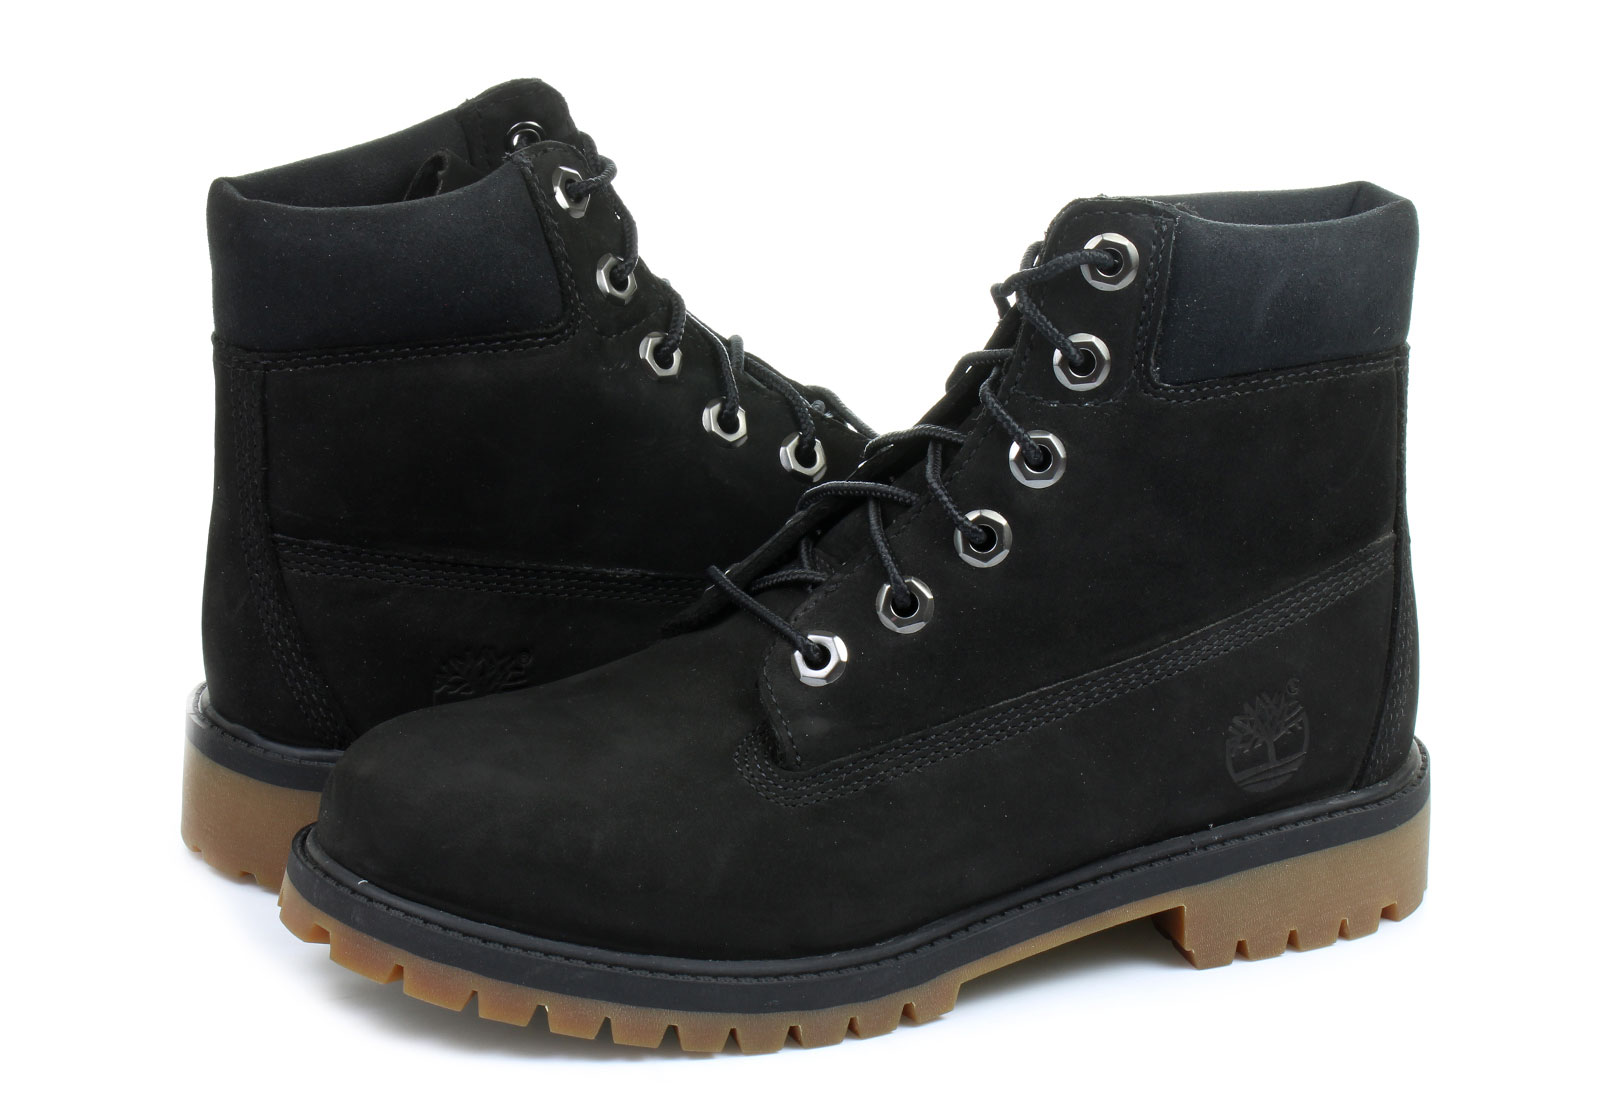 Timberland Topánky - 6 Inch Prem Boot - a14zo-blk - Tenisky ... c8ba969898d